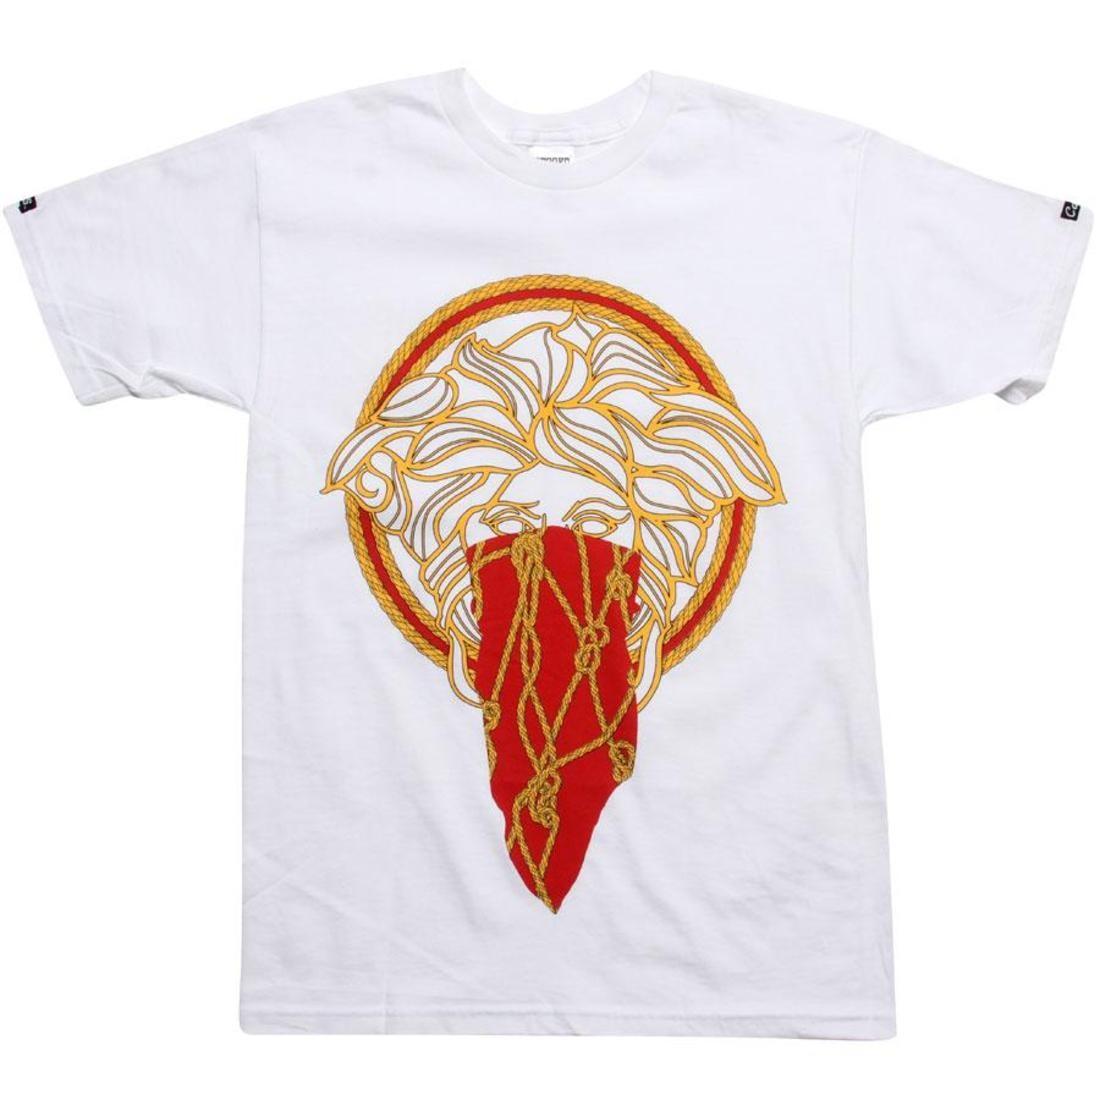 【海外限定】Tシャツ トップス メンズファッション 【 CROOKS AND CASTLES GORGON TEE WHITE GOLD RED 】